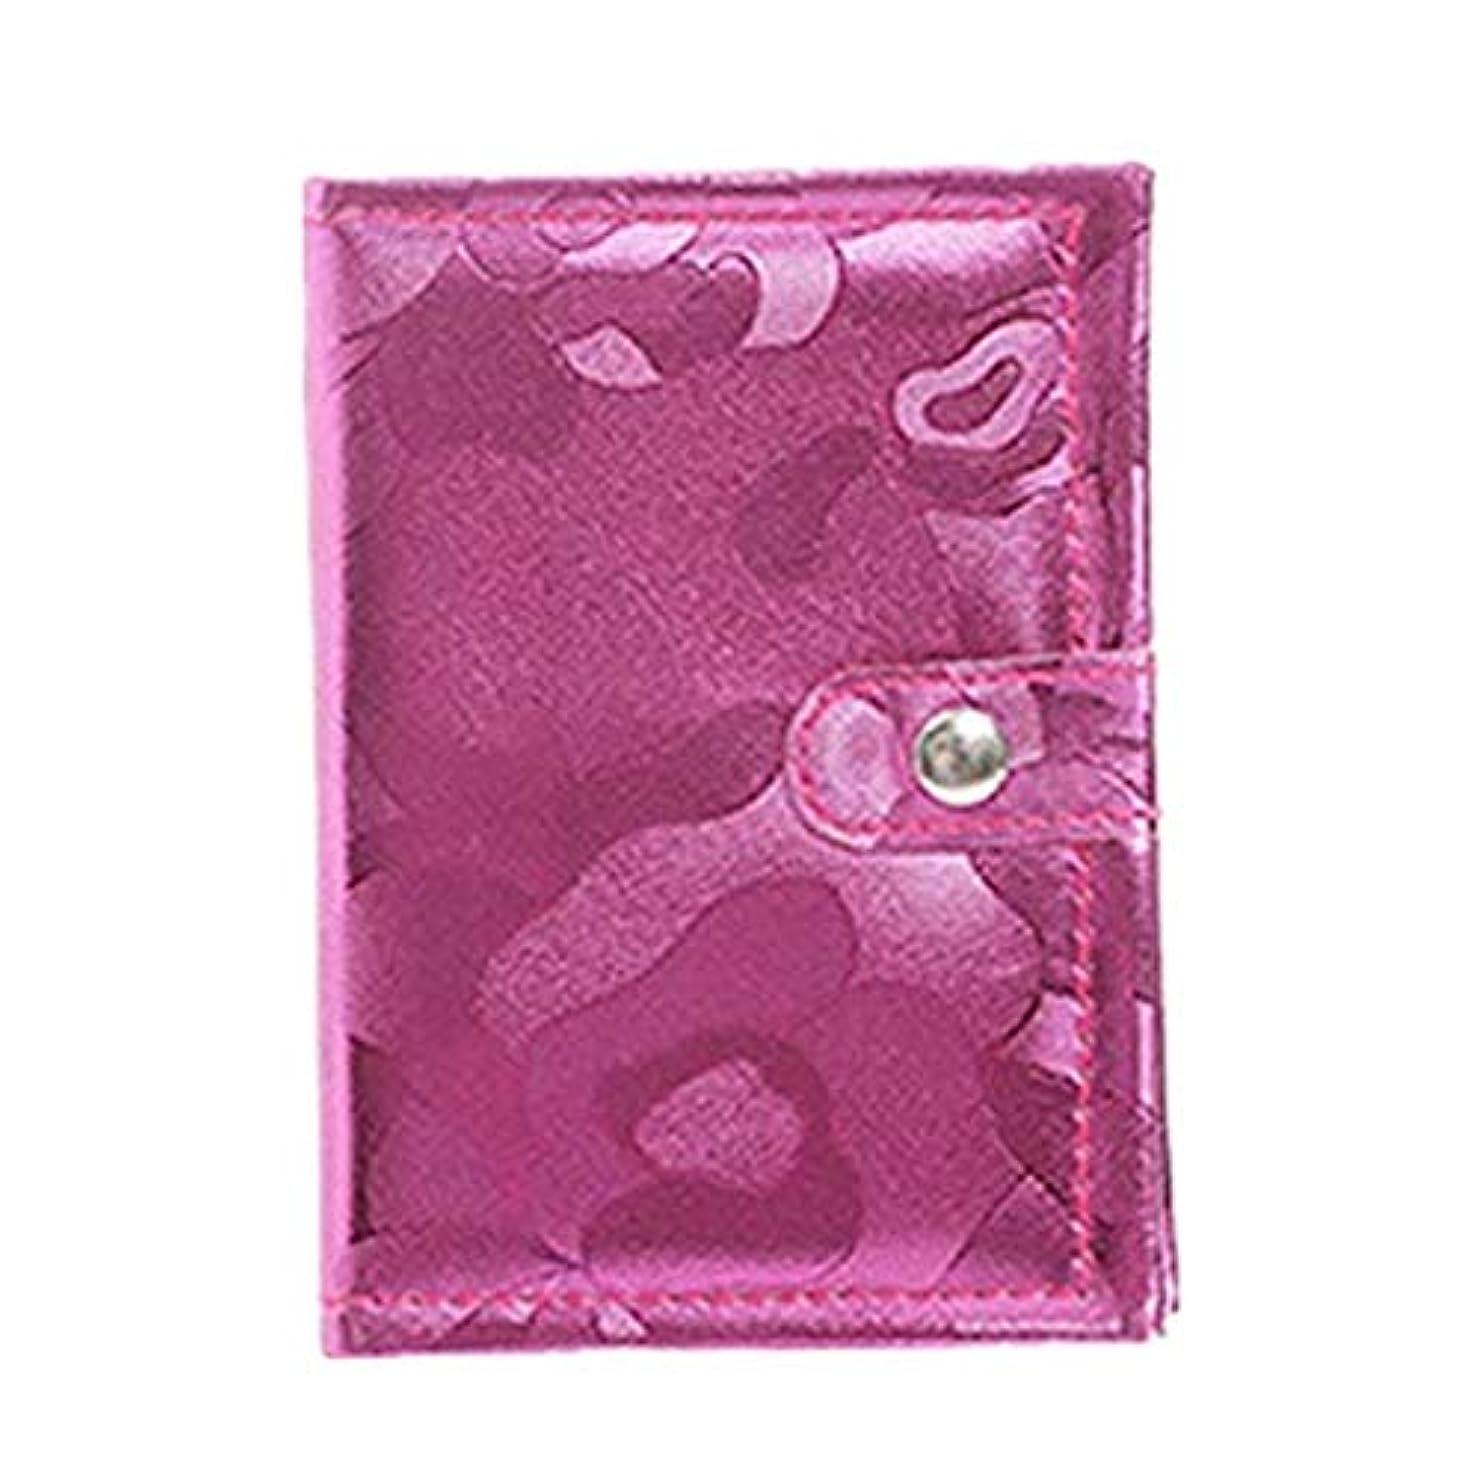 閉塞消毒する楽しい32色のアイシャドウダイヤモンドアイシャドウパールアイシャドウアイシャドウディスクの美容製品を非ドレッシングスティング